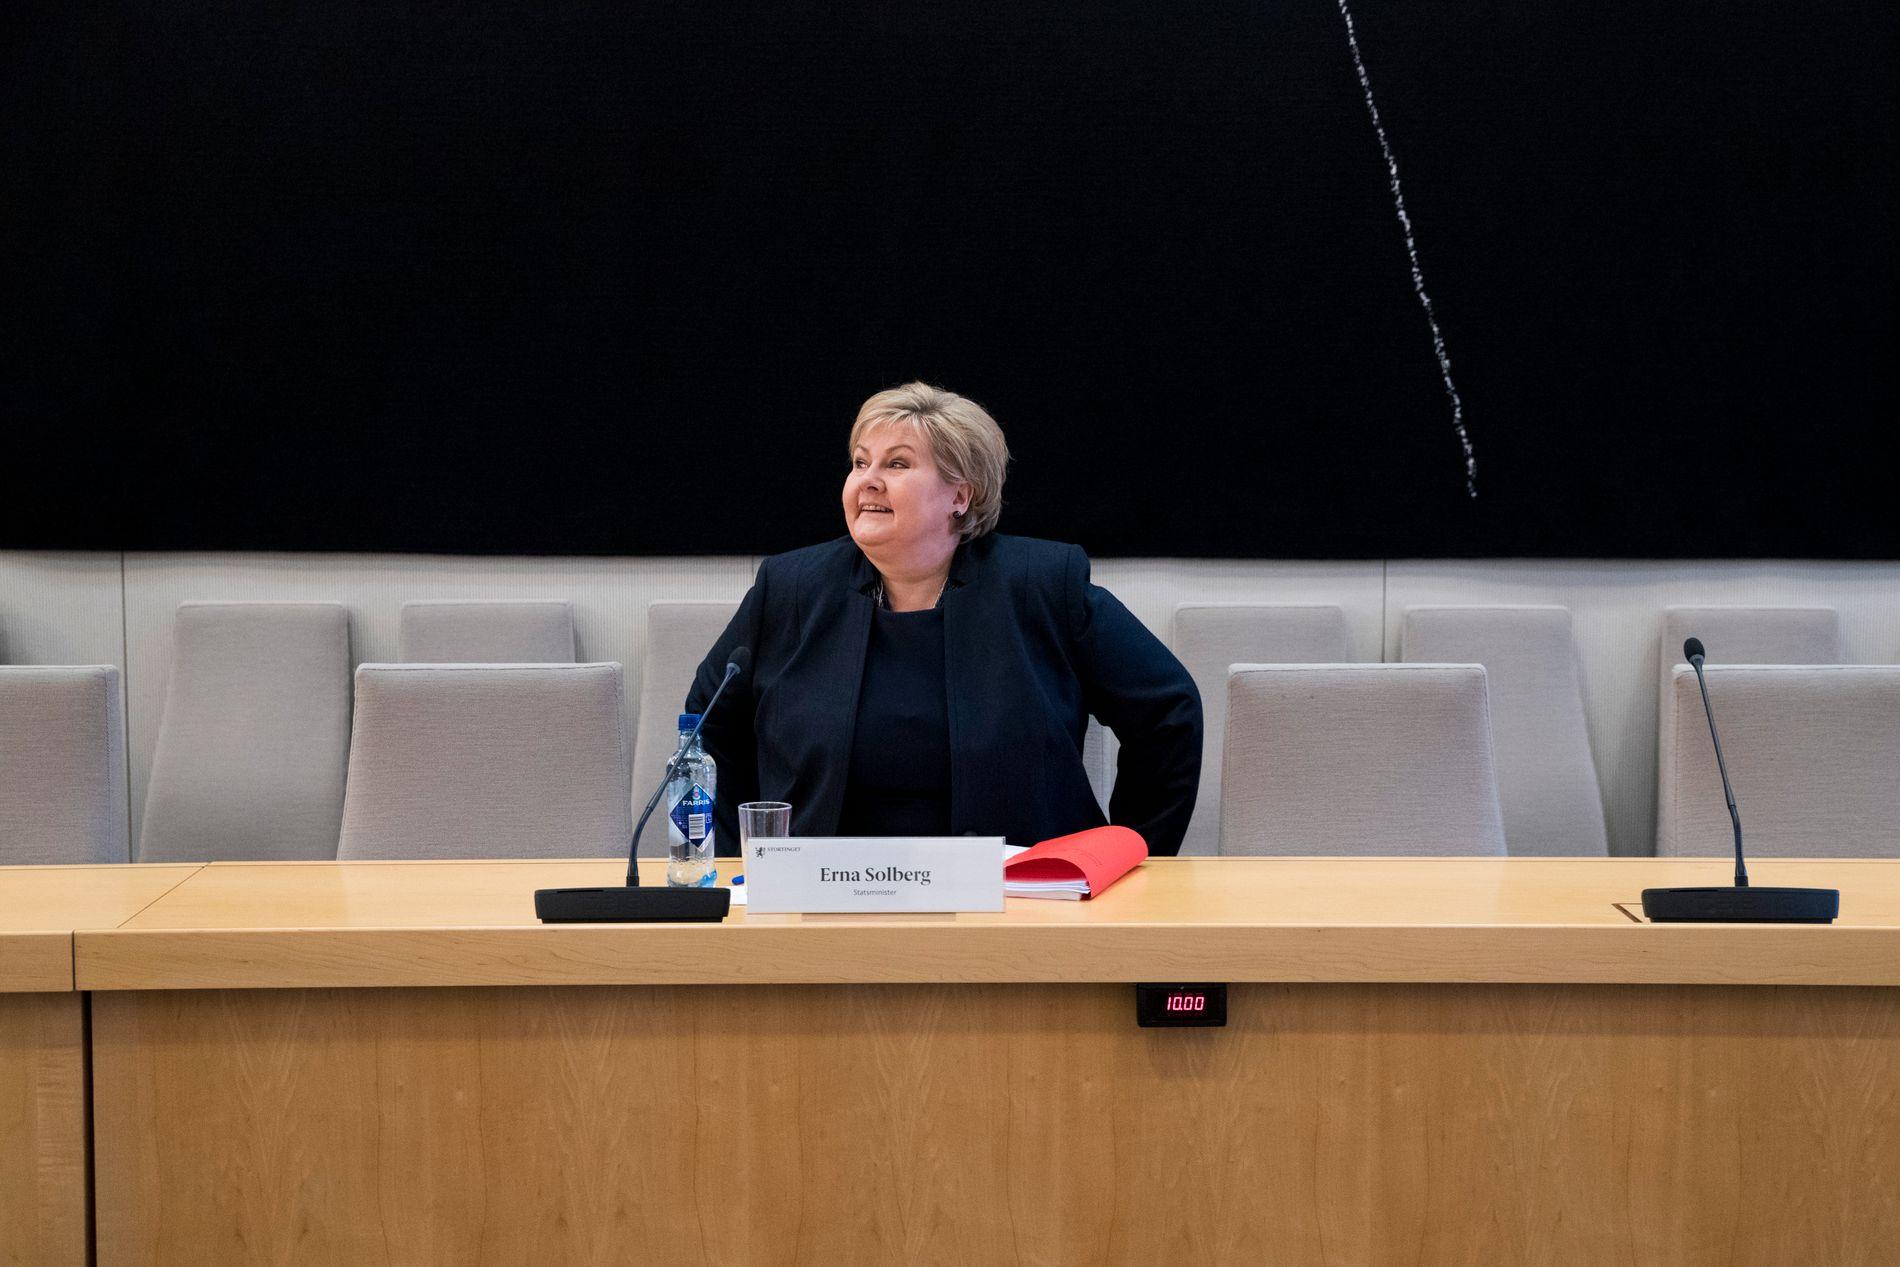 FORTSATT IKKE SIKRET: I fjor måtte statsminister Erna Solberg (H) måtte forklare seg for Stortinget om manglende objektsikring. Nå får hennes regjering ny alvorlig kritikk fordi de ikke har fulgt godt nok opp.